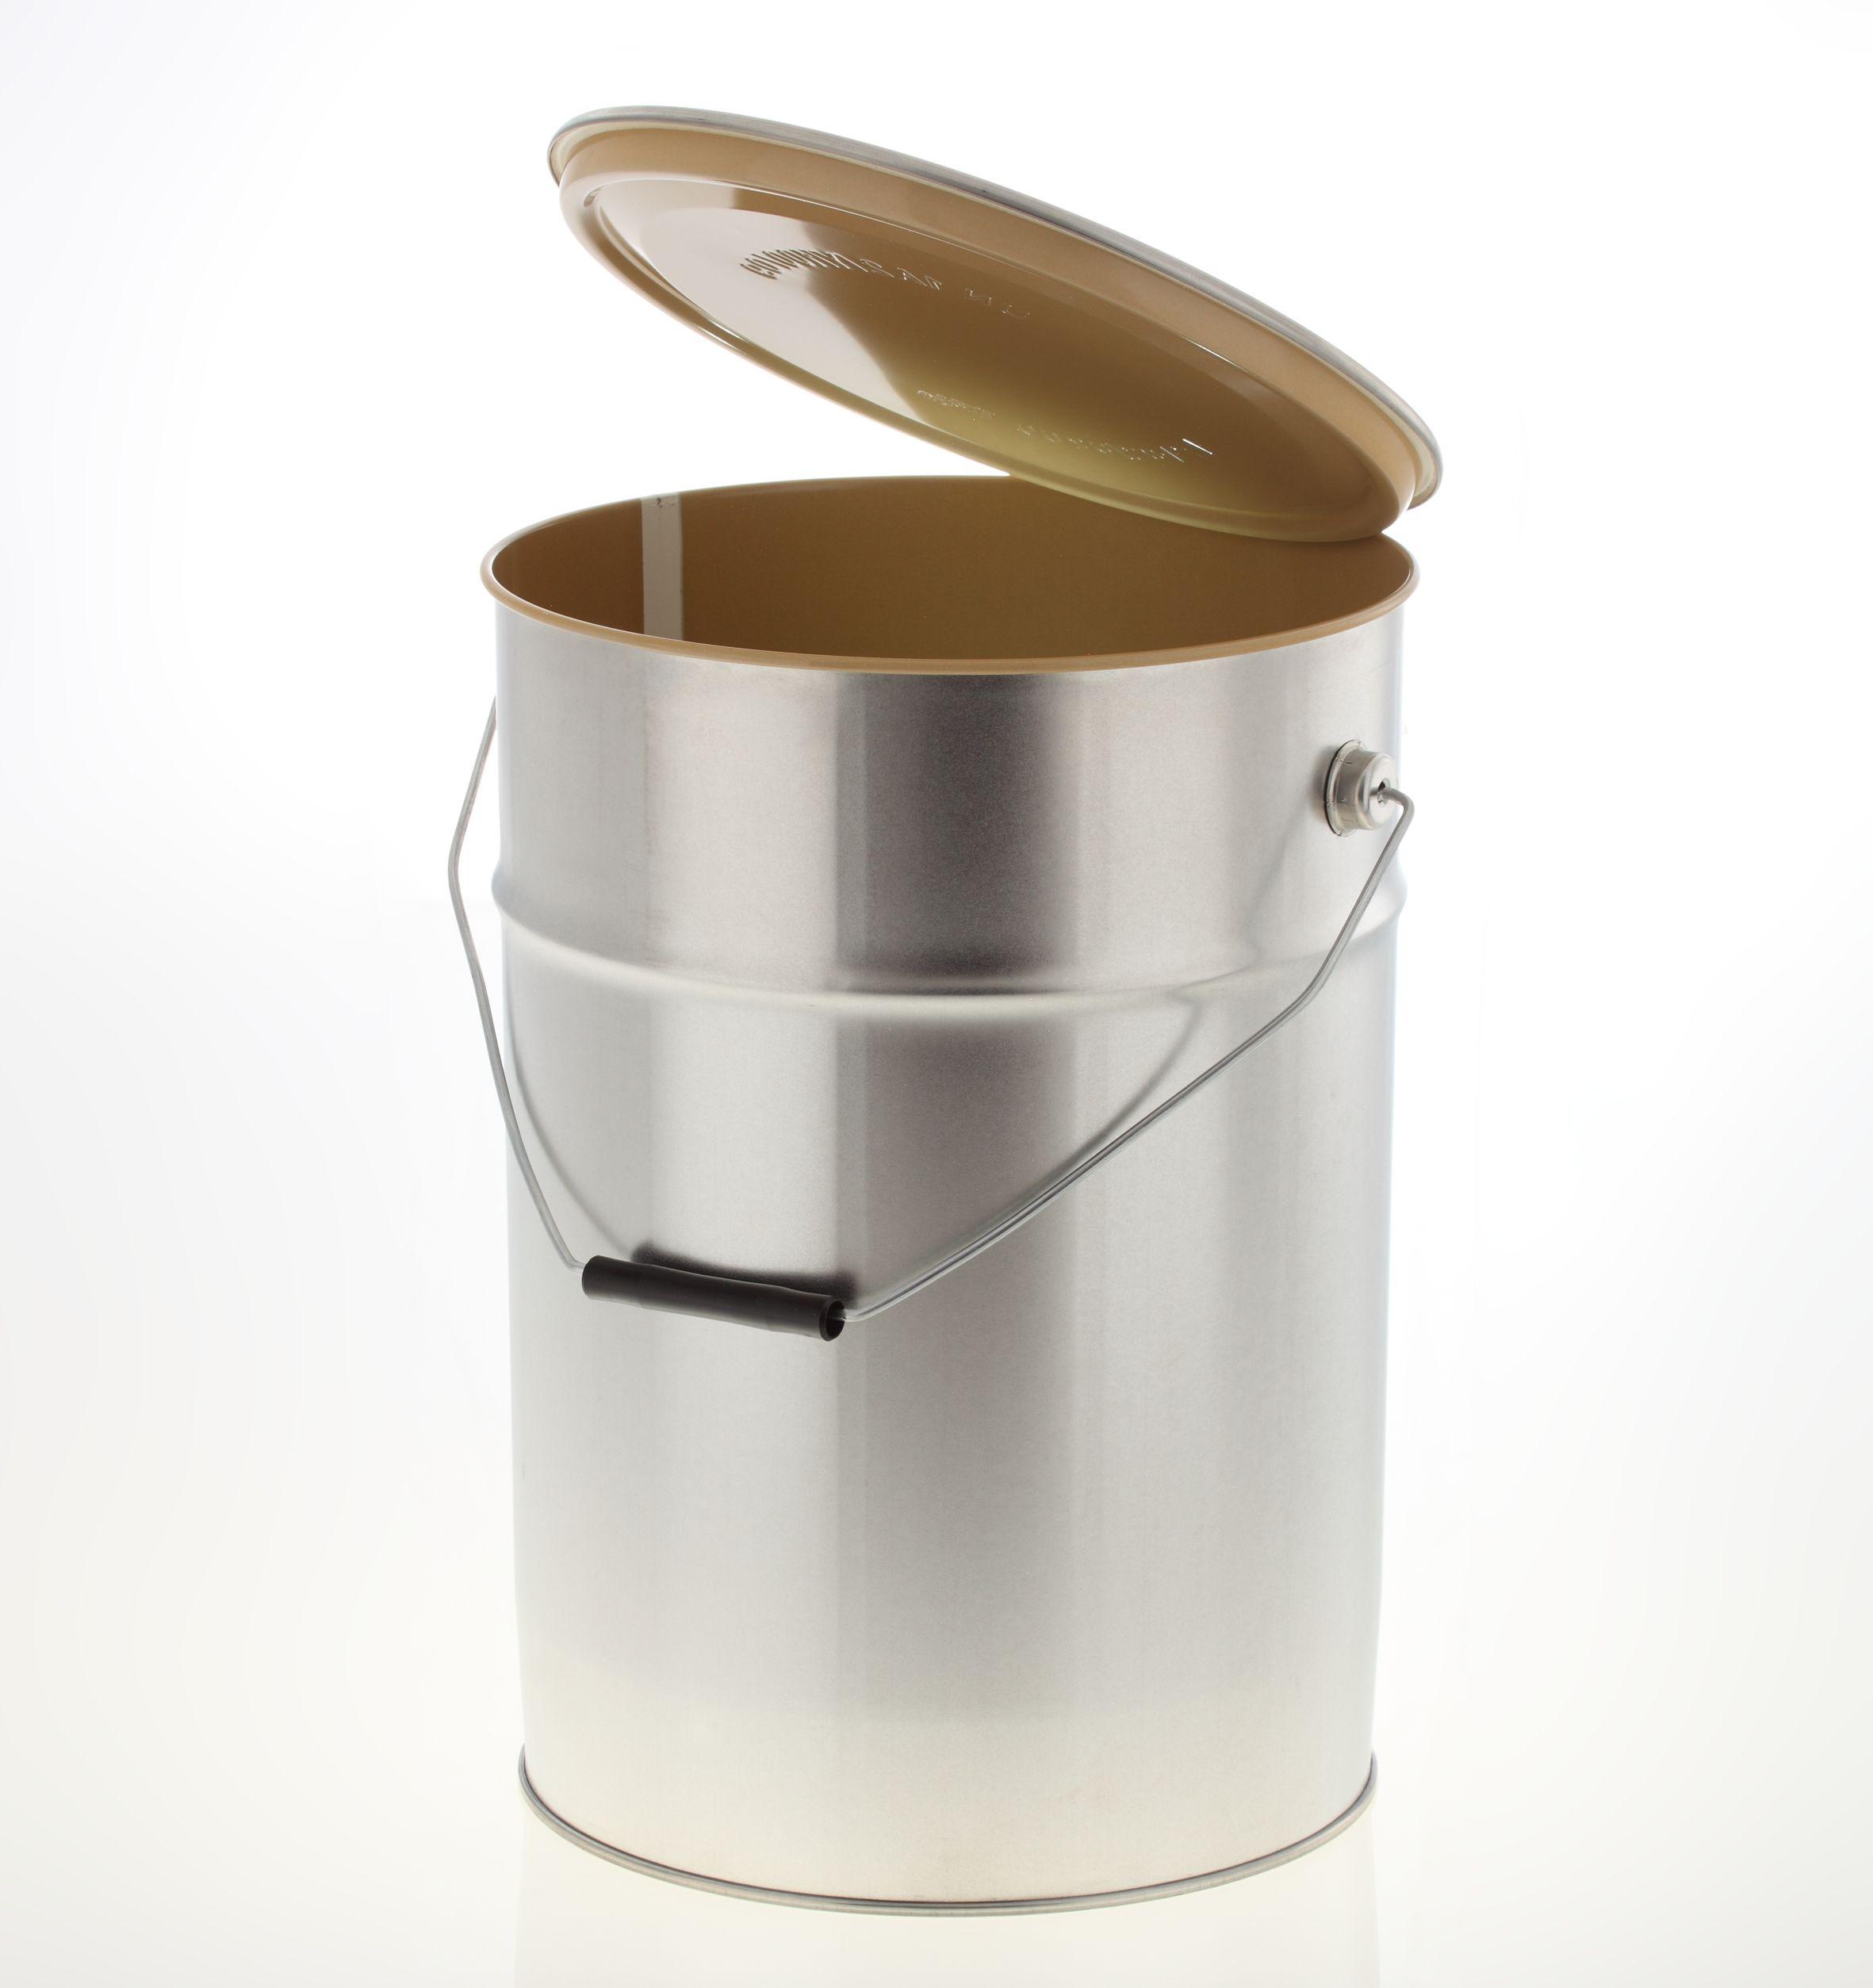 Metalleimer innenlackiert 10 Liter UN